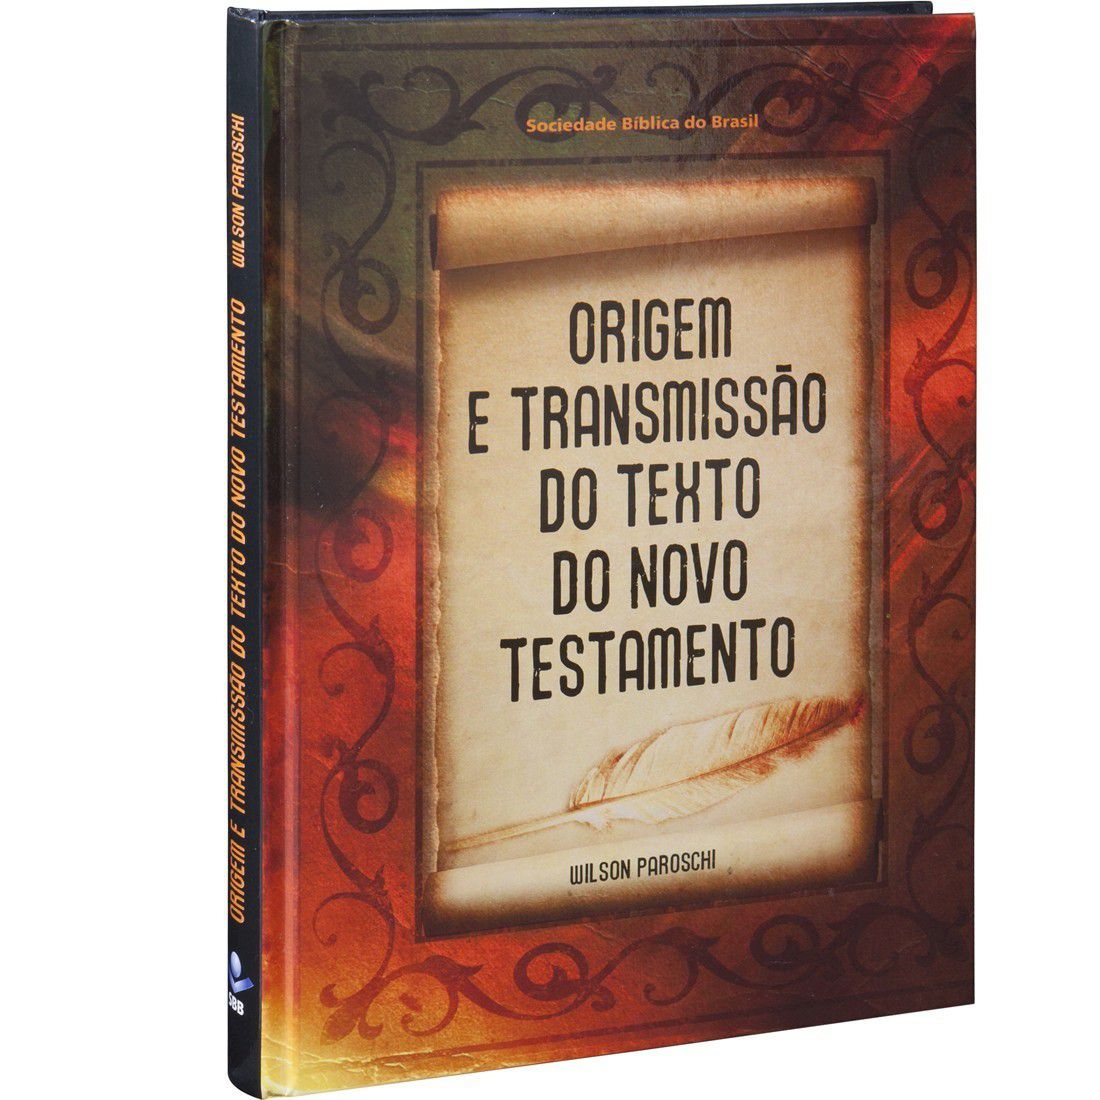 Livro Origem e Transmissão do Texto do Novo Testamento